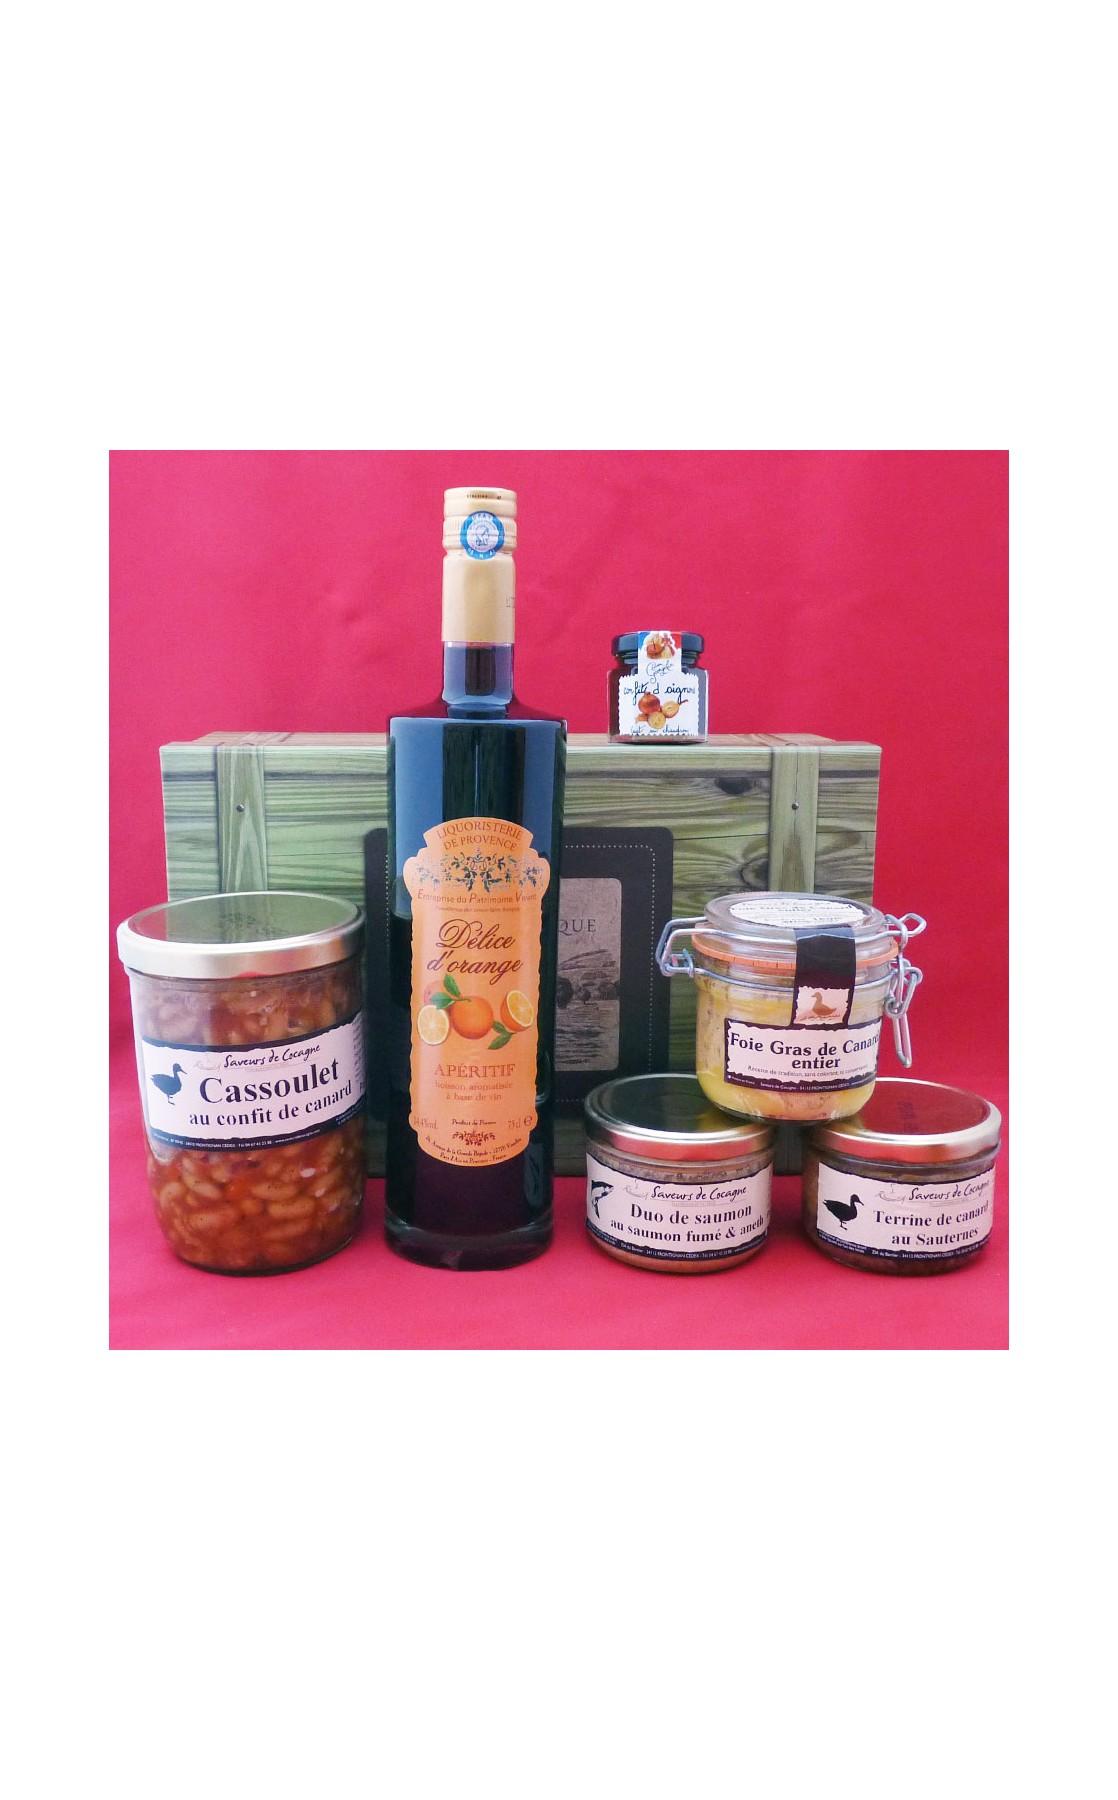 Coffret authentique apéritif orange, foie gras entier , cassoulet et terrines